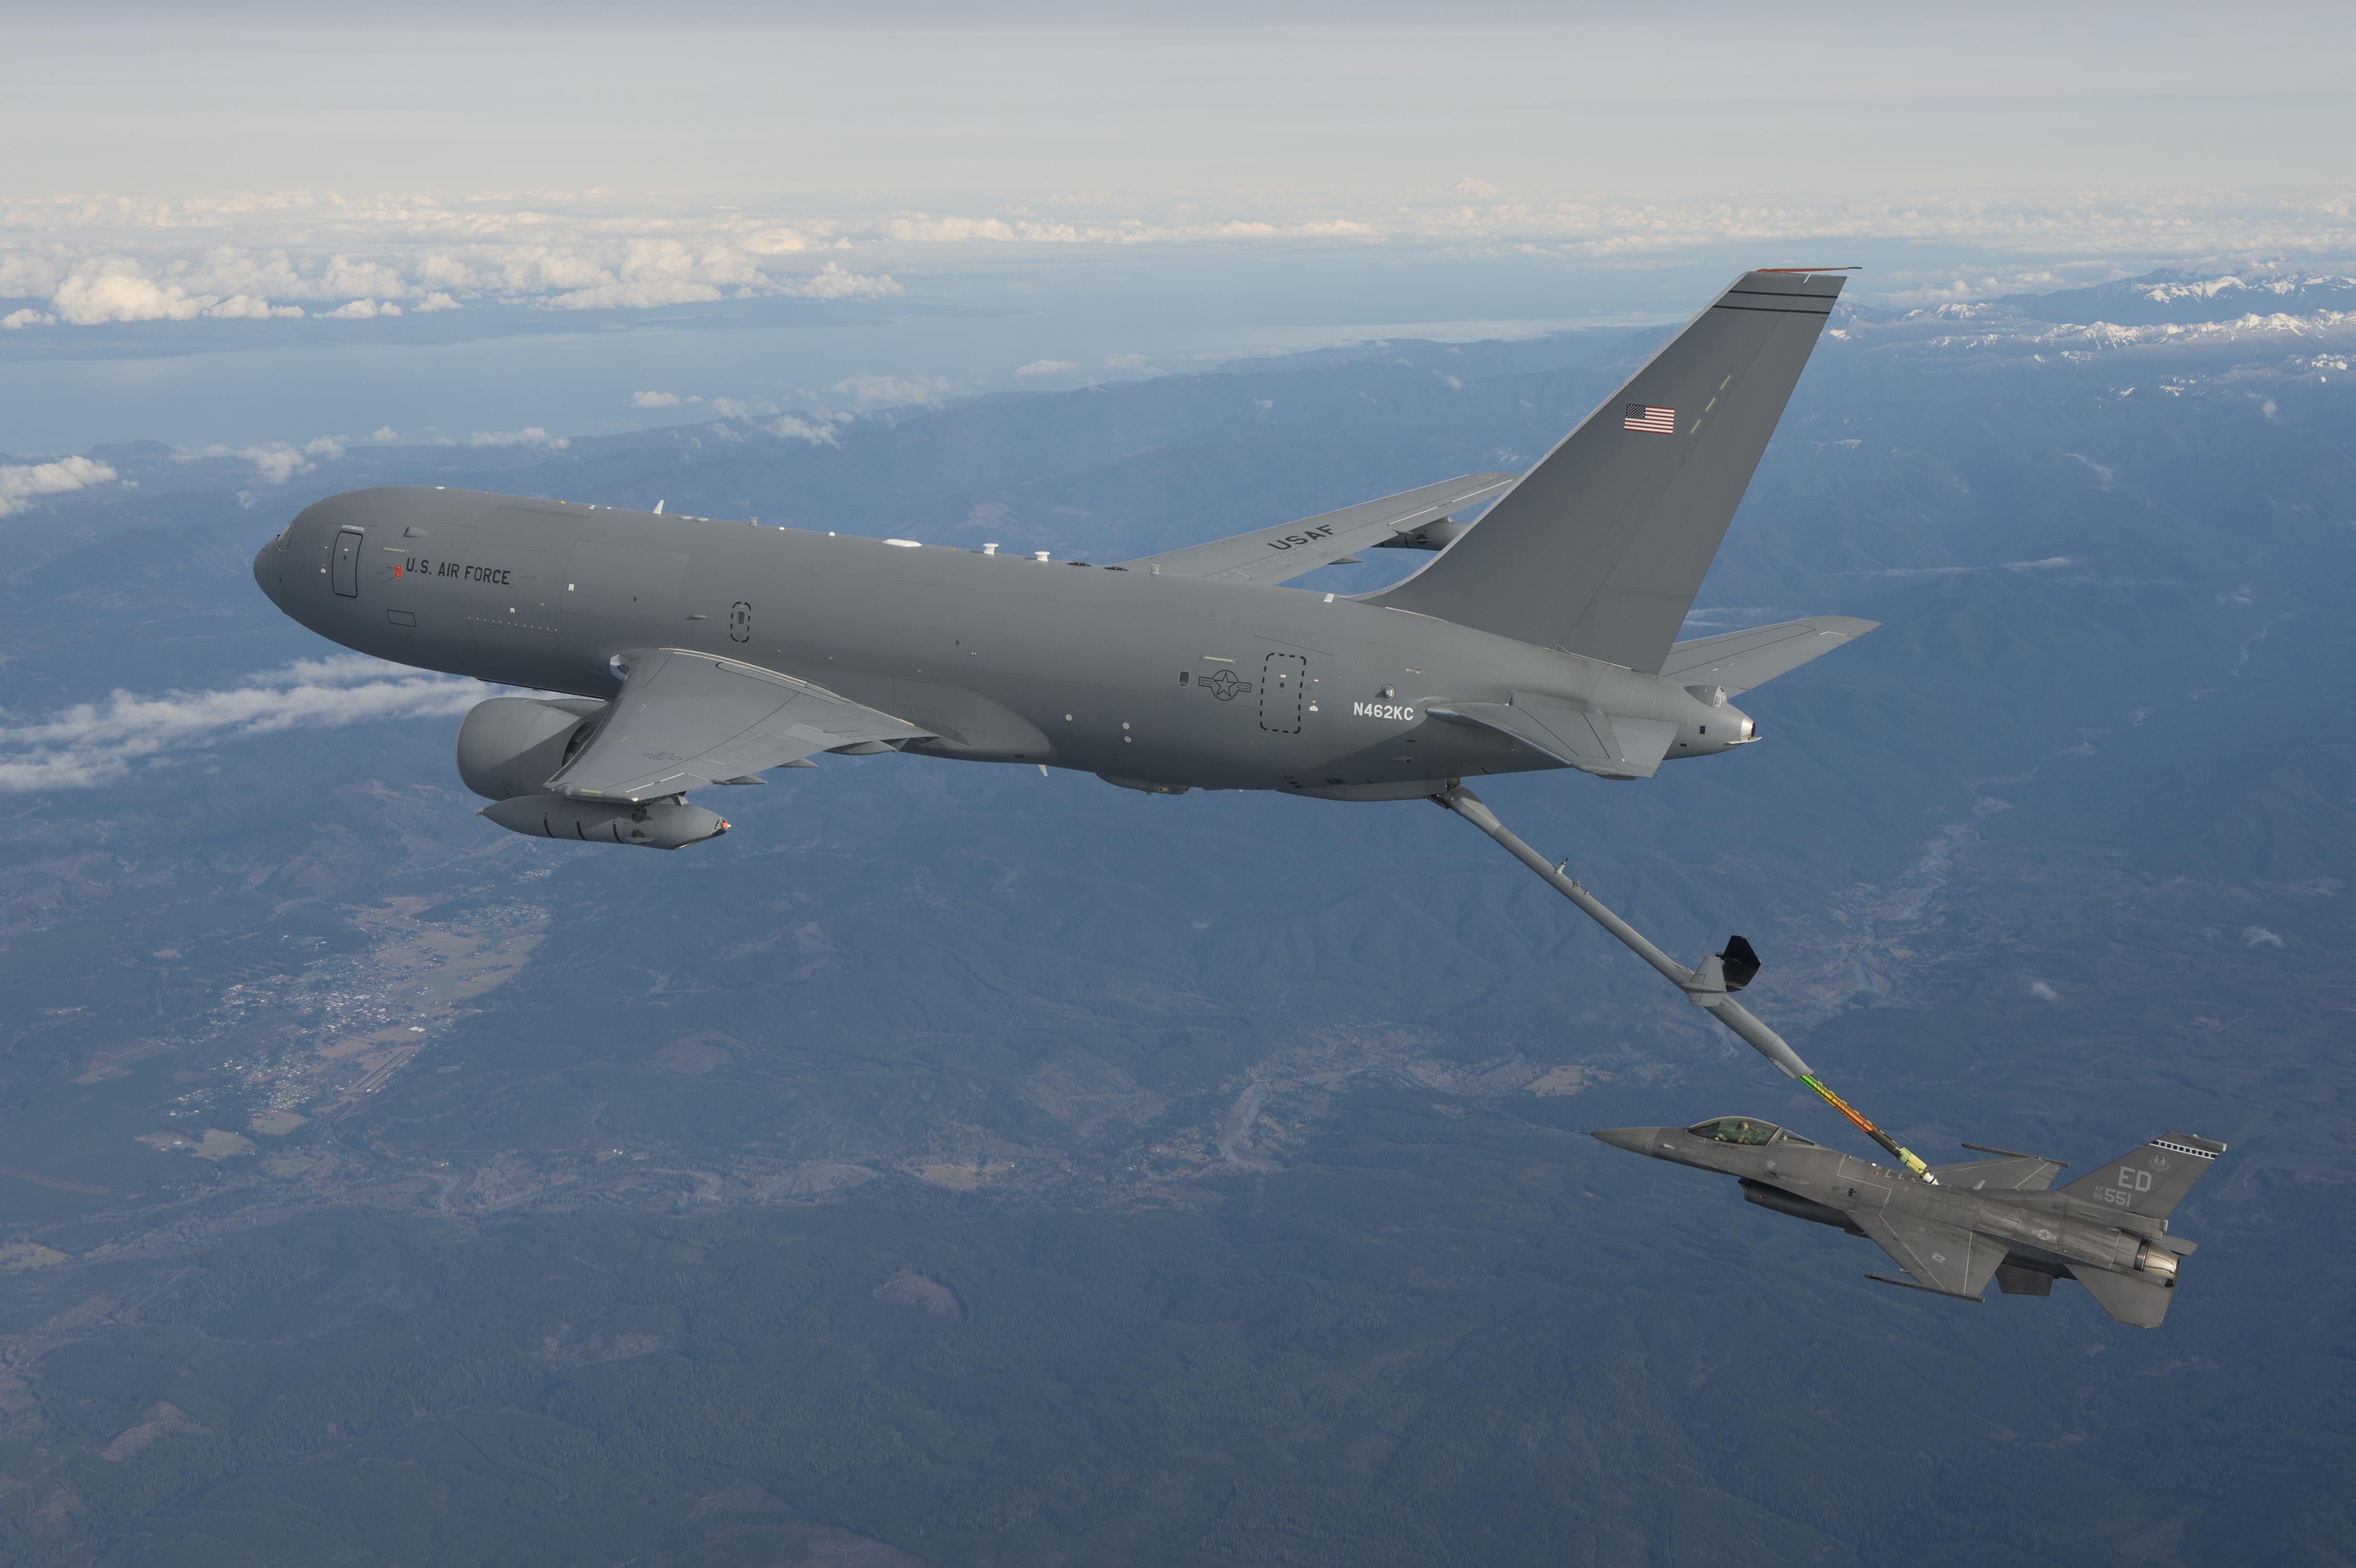 KC-46 tanker refuels an F-16